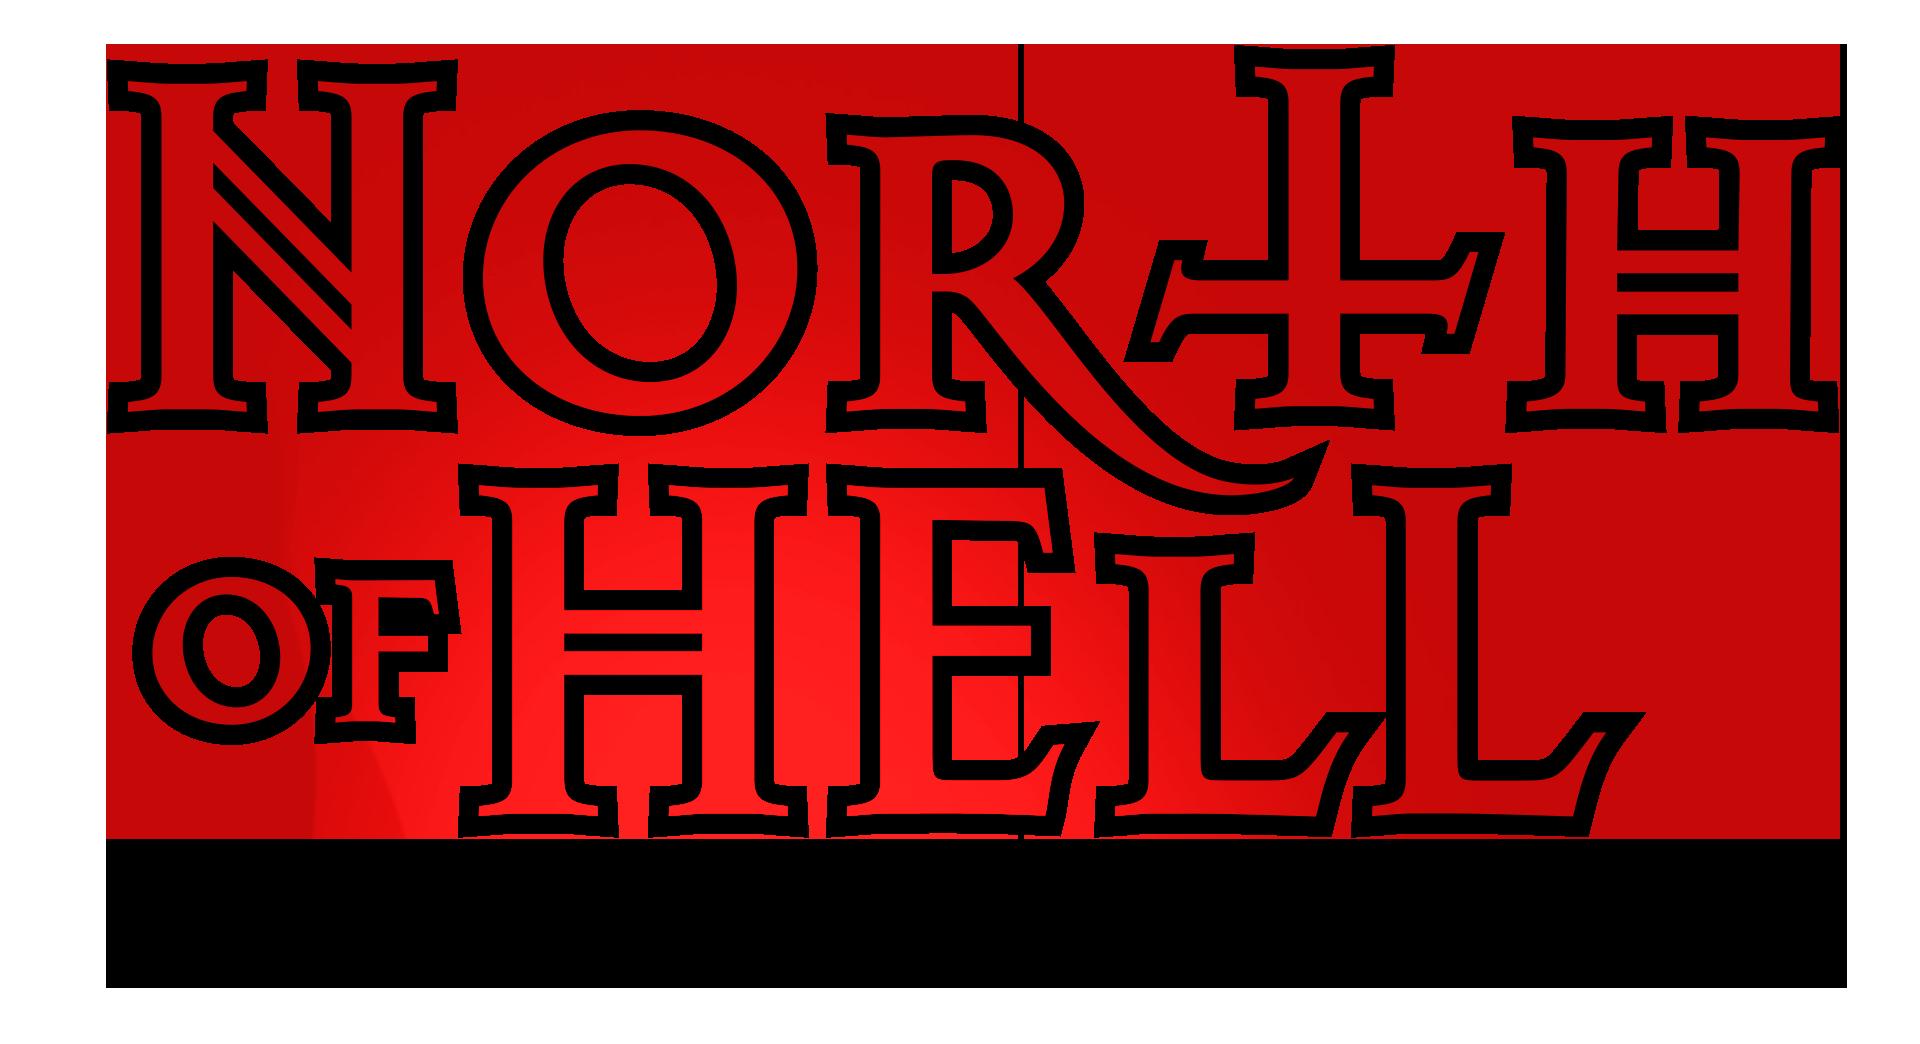 North of Hell -festivaalin logo